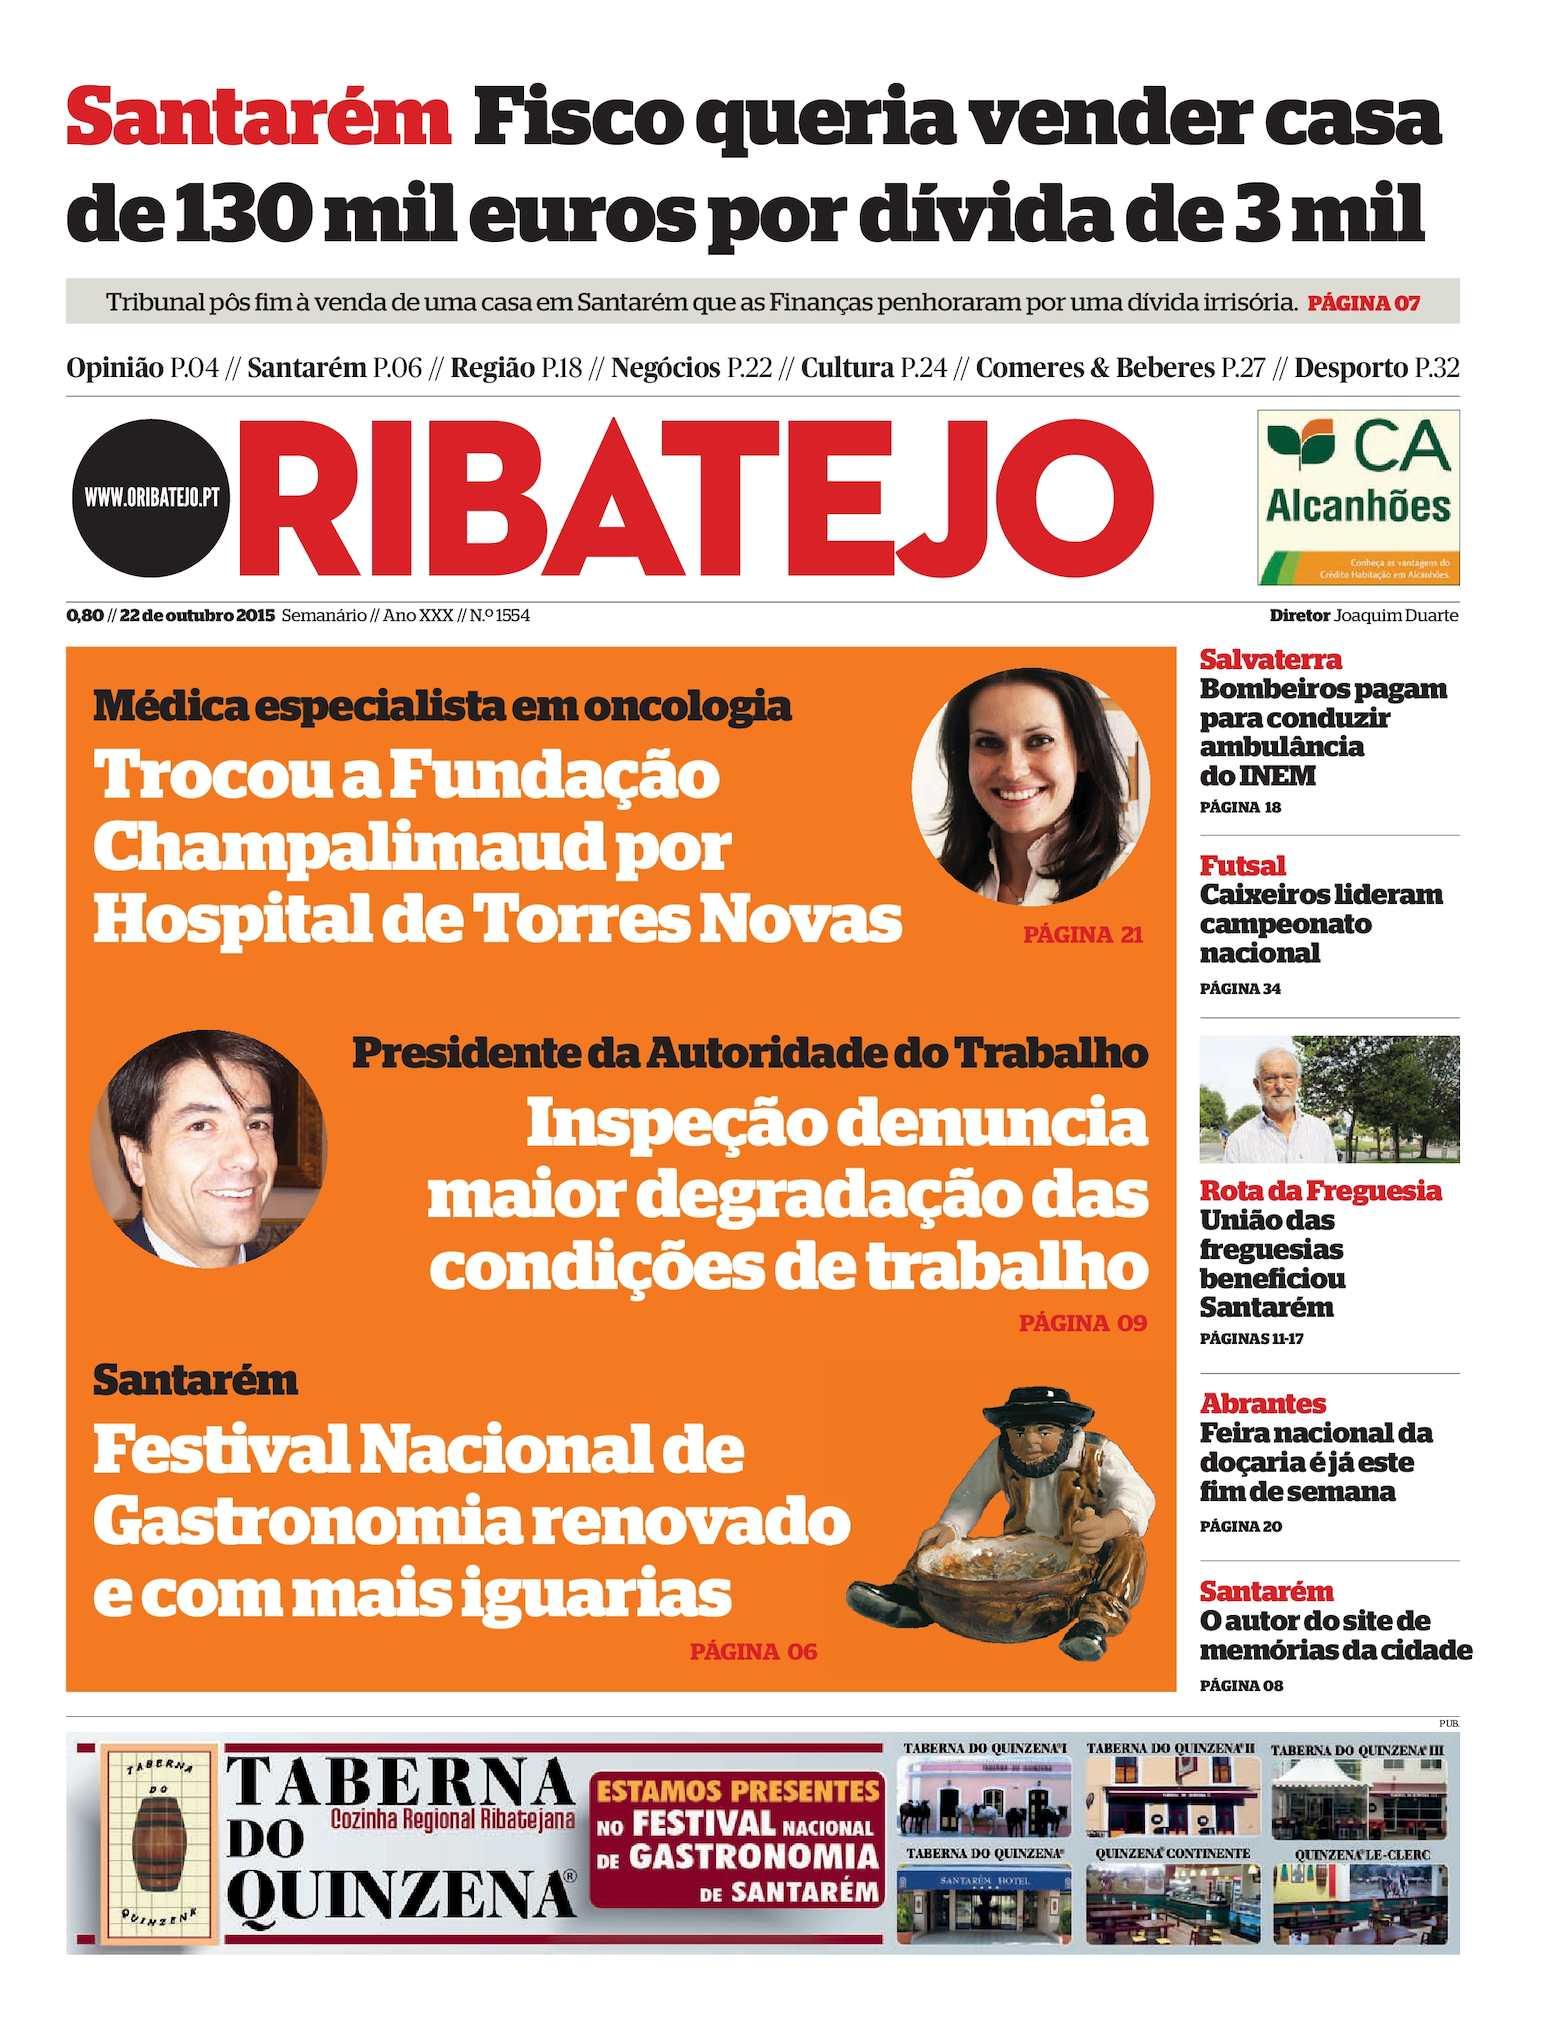 6e3b55d35ad37 Calaméo - Edição 1554 do Jornal O Ribatejo - 22 de Outubro de 2015